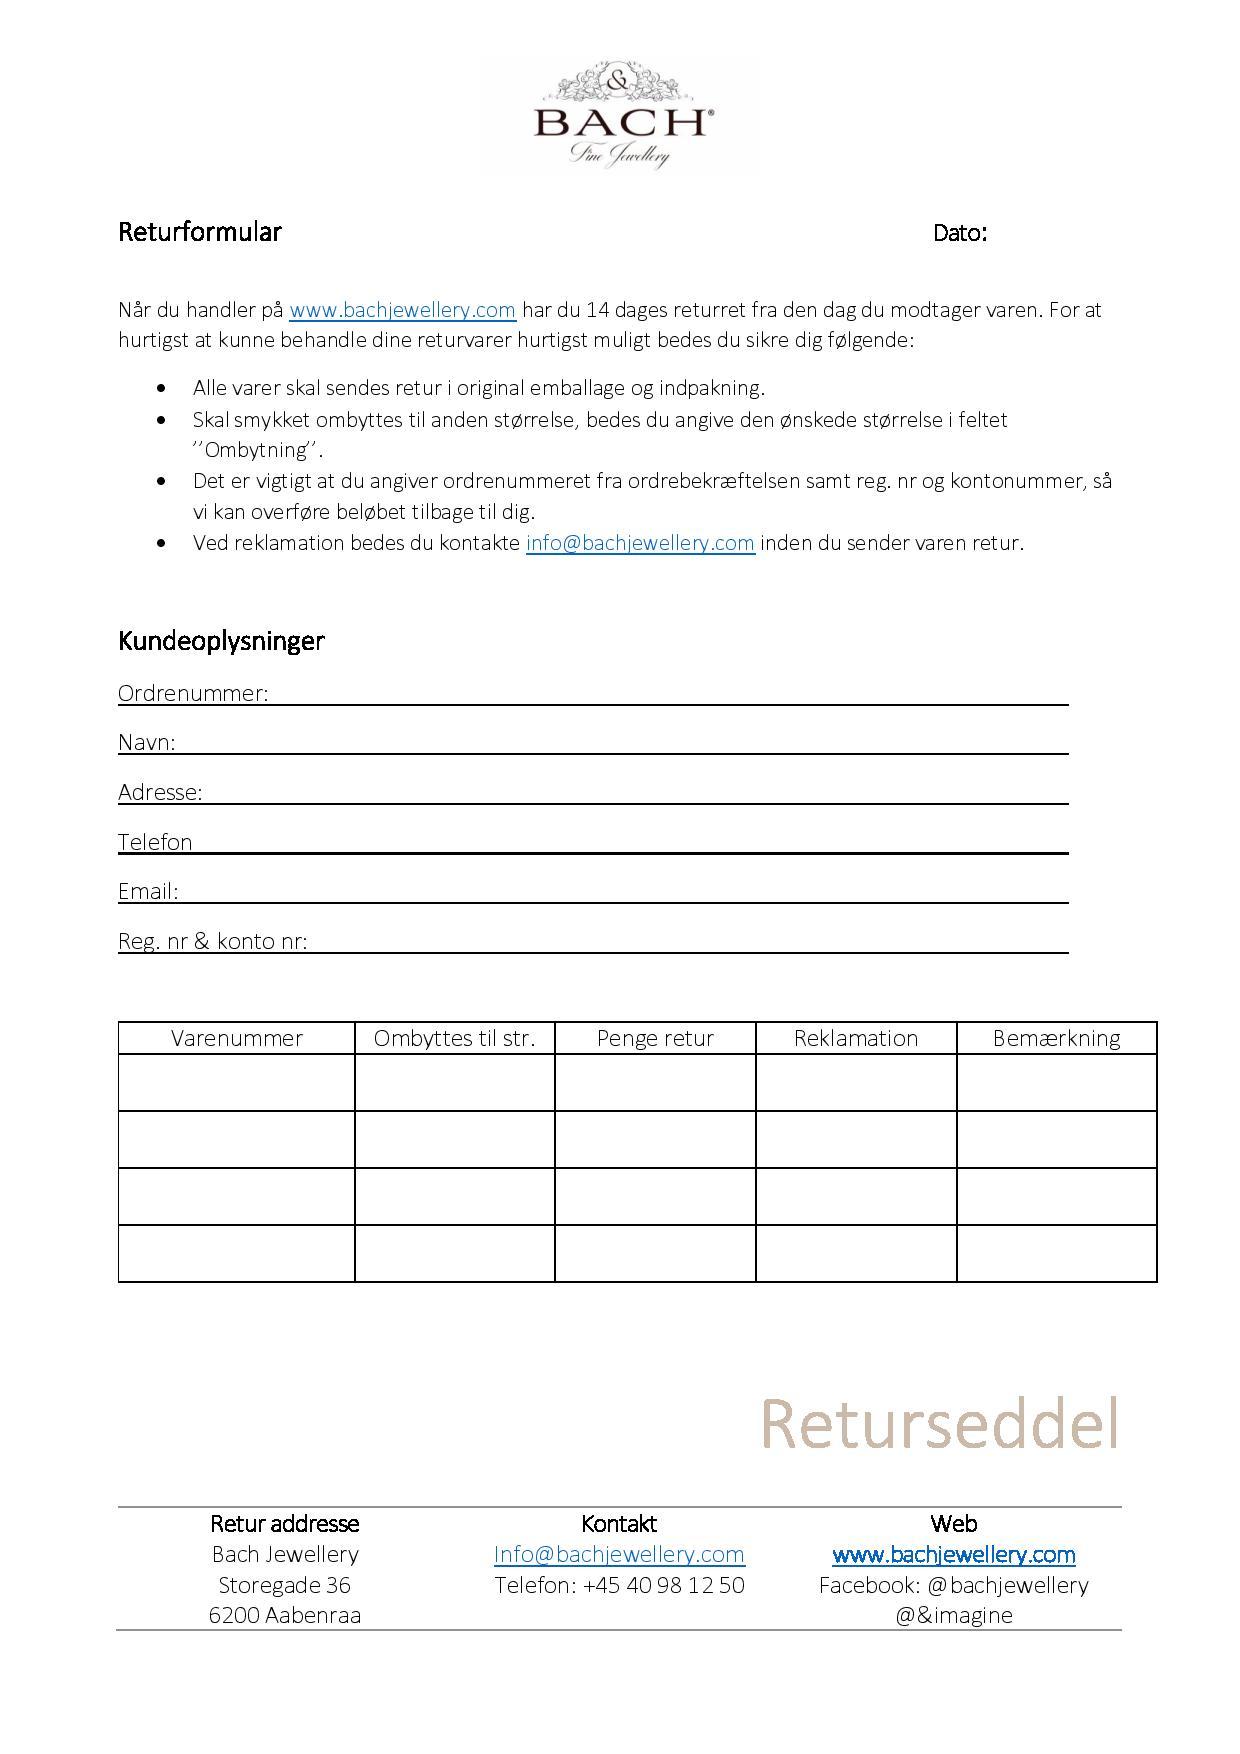 Returformular-page-001.jpg